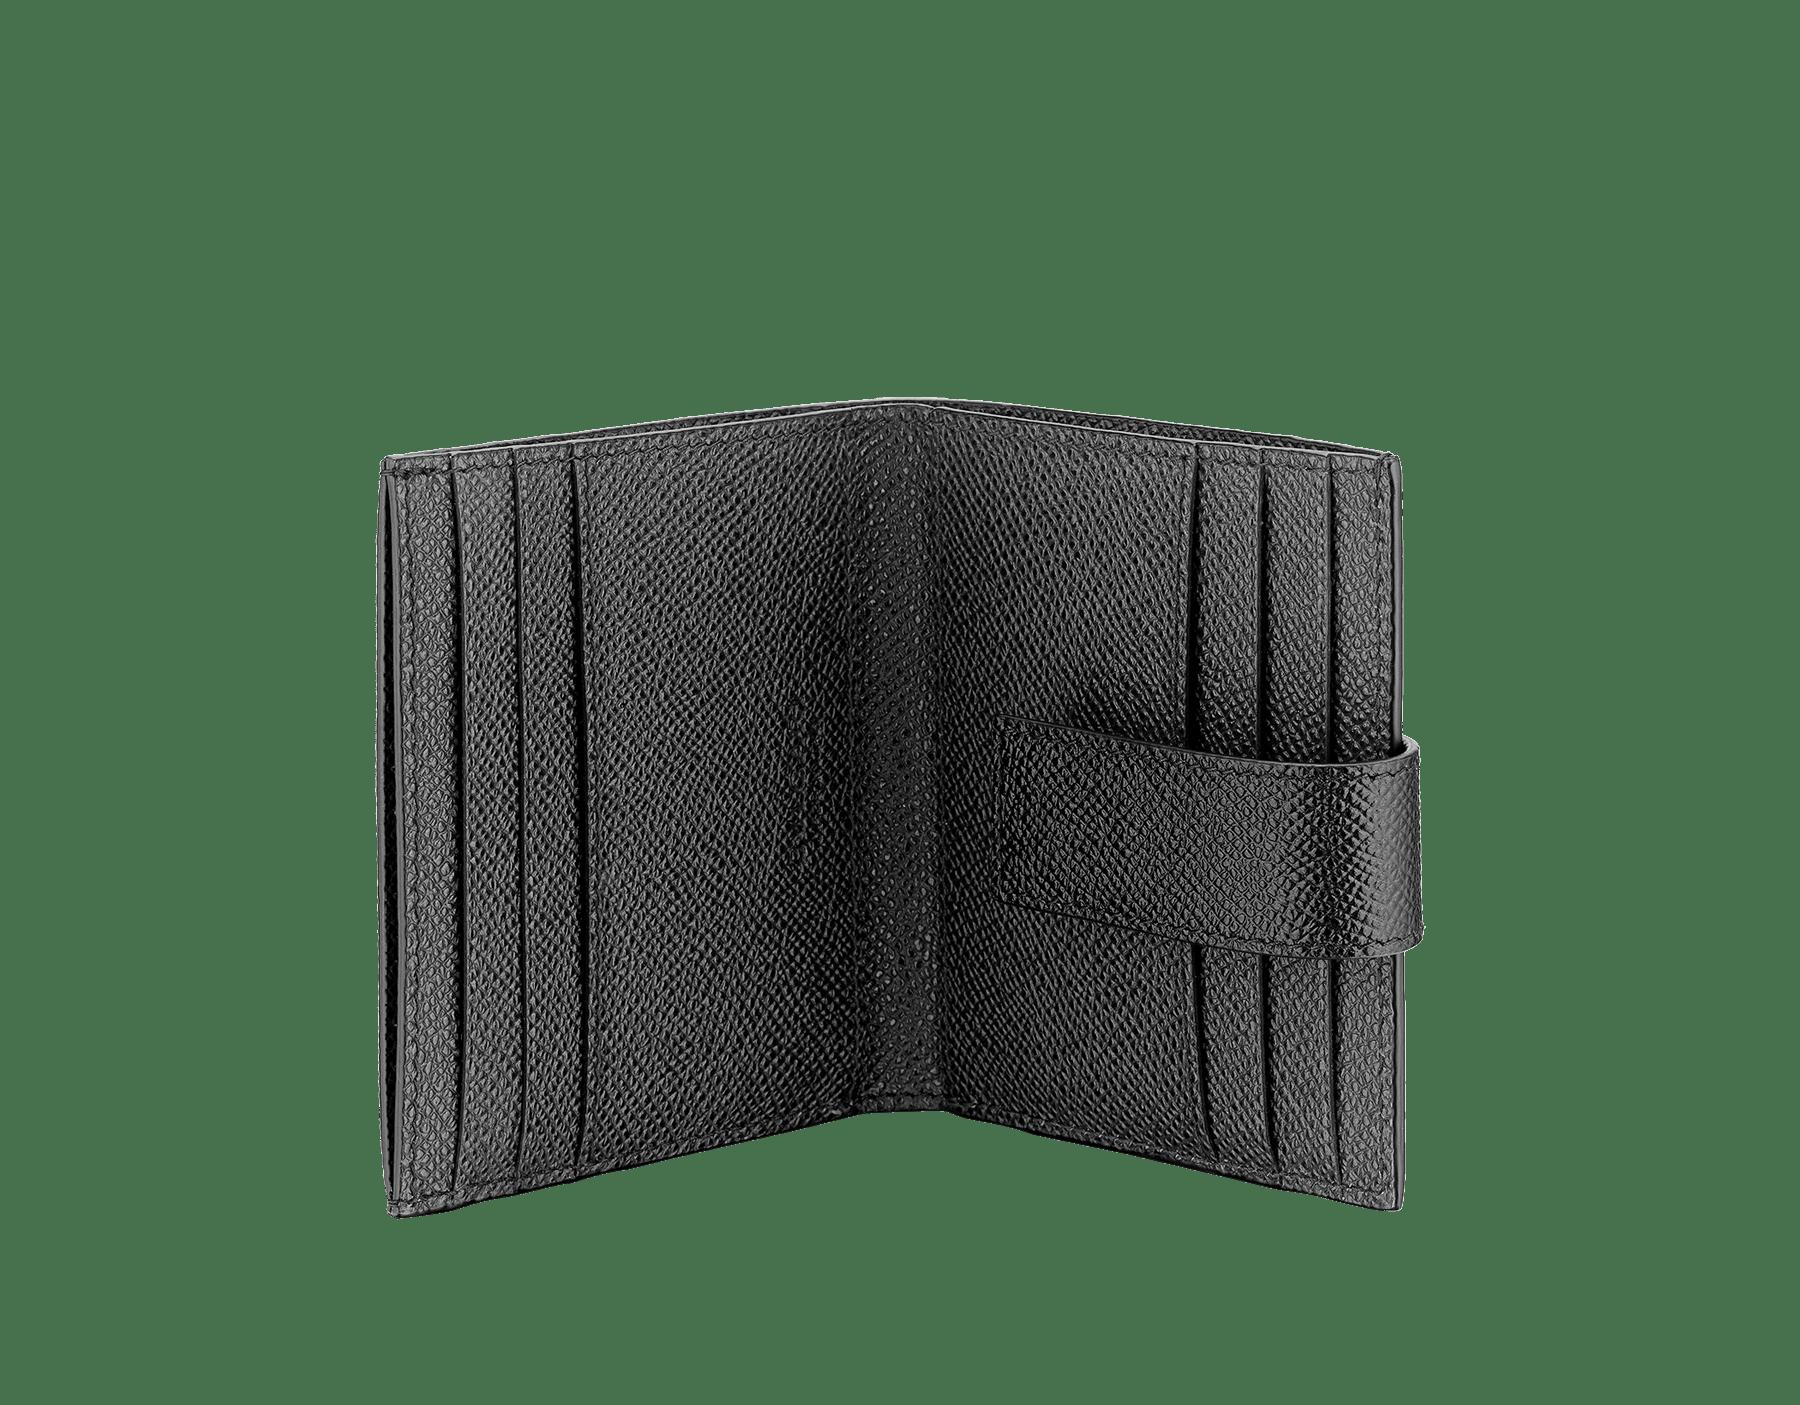 ブラックグレインカーフレザーの「ブルガリ・ブルガリ」カードホルダー。パラジウムプレートブラスのアイコニックなロゴ装飾。 290069 image 2